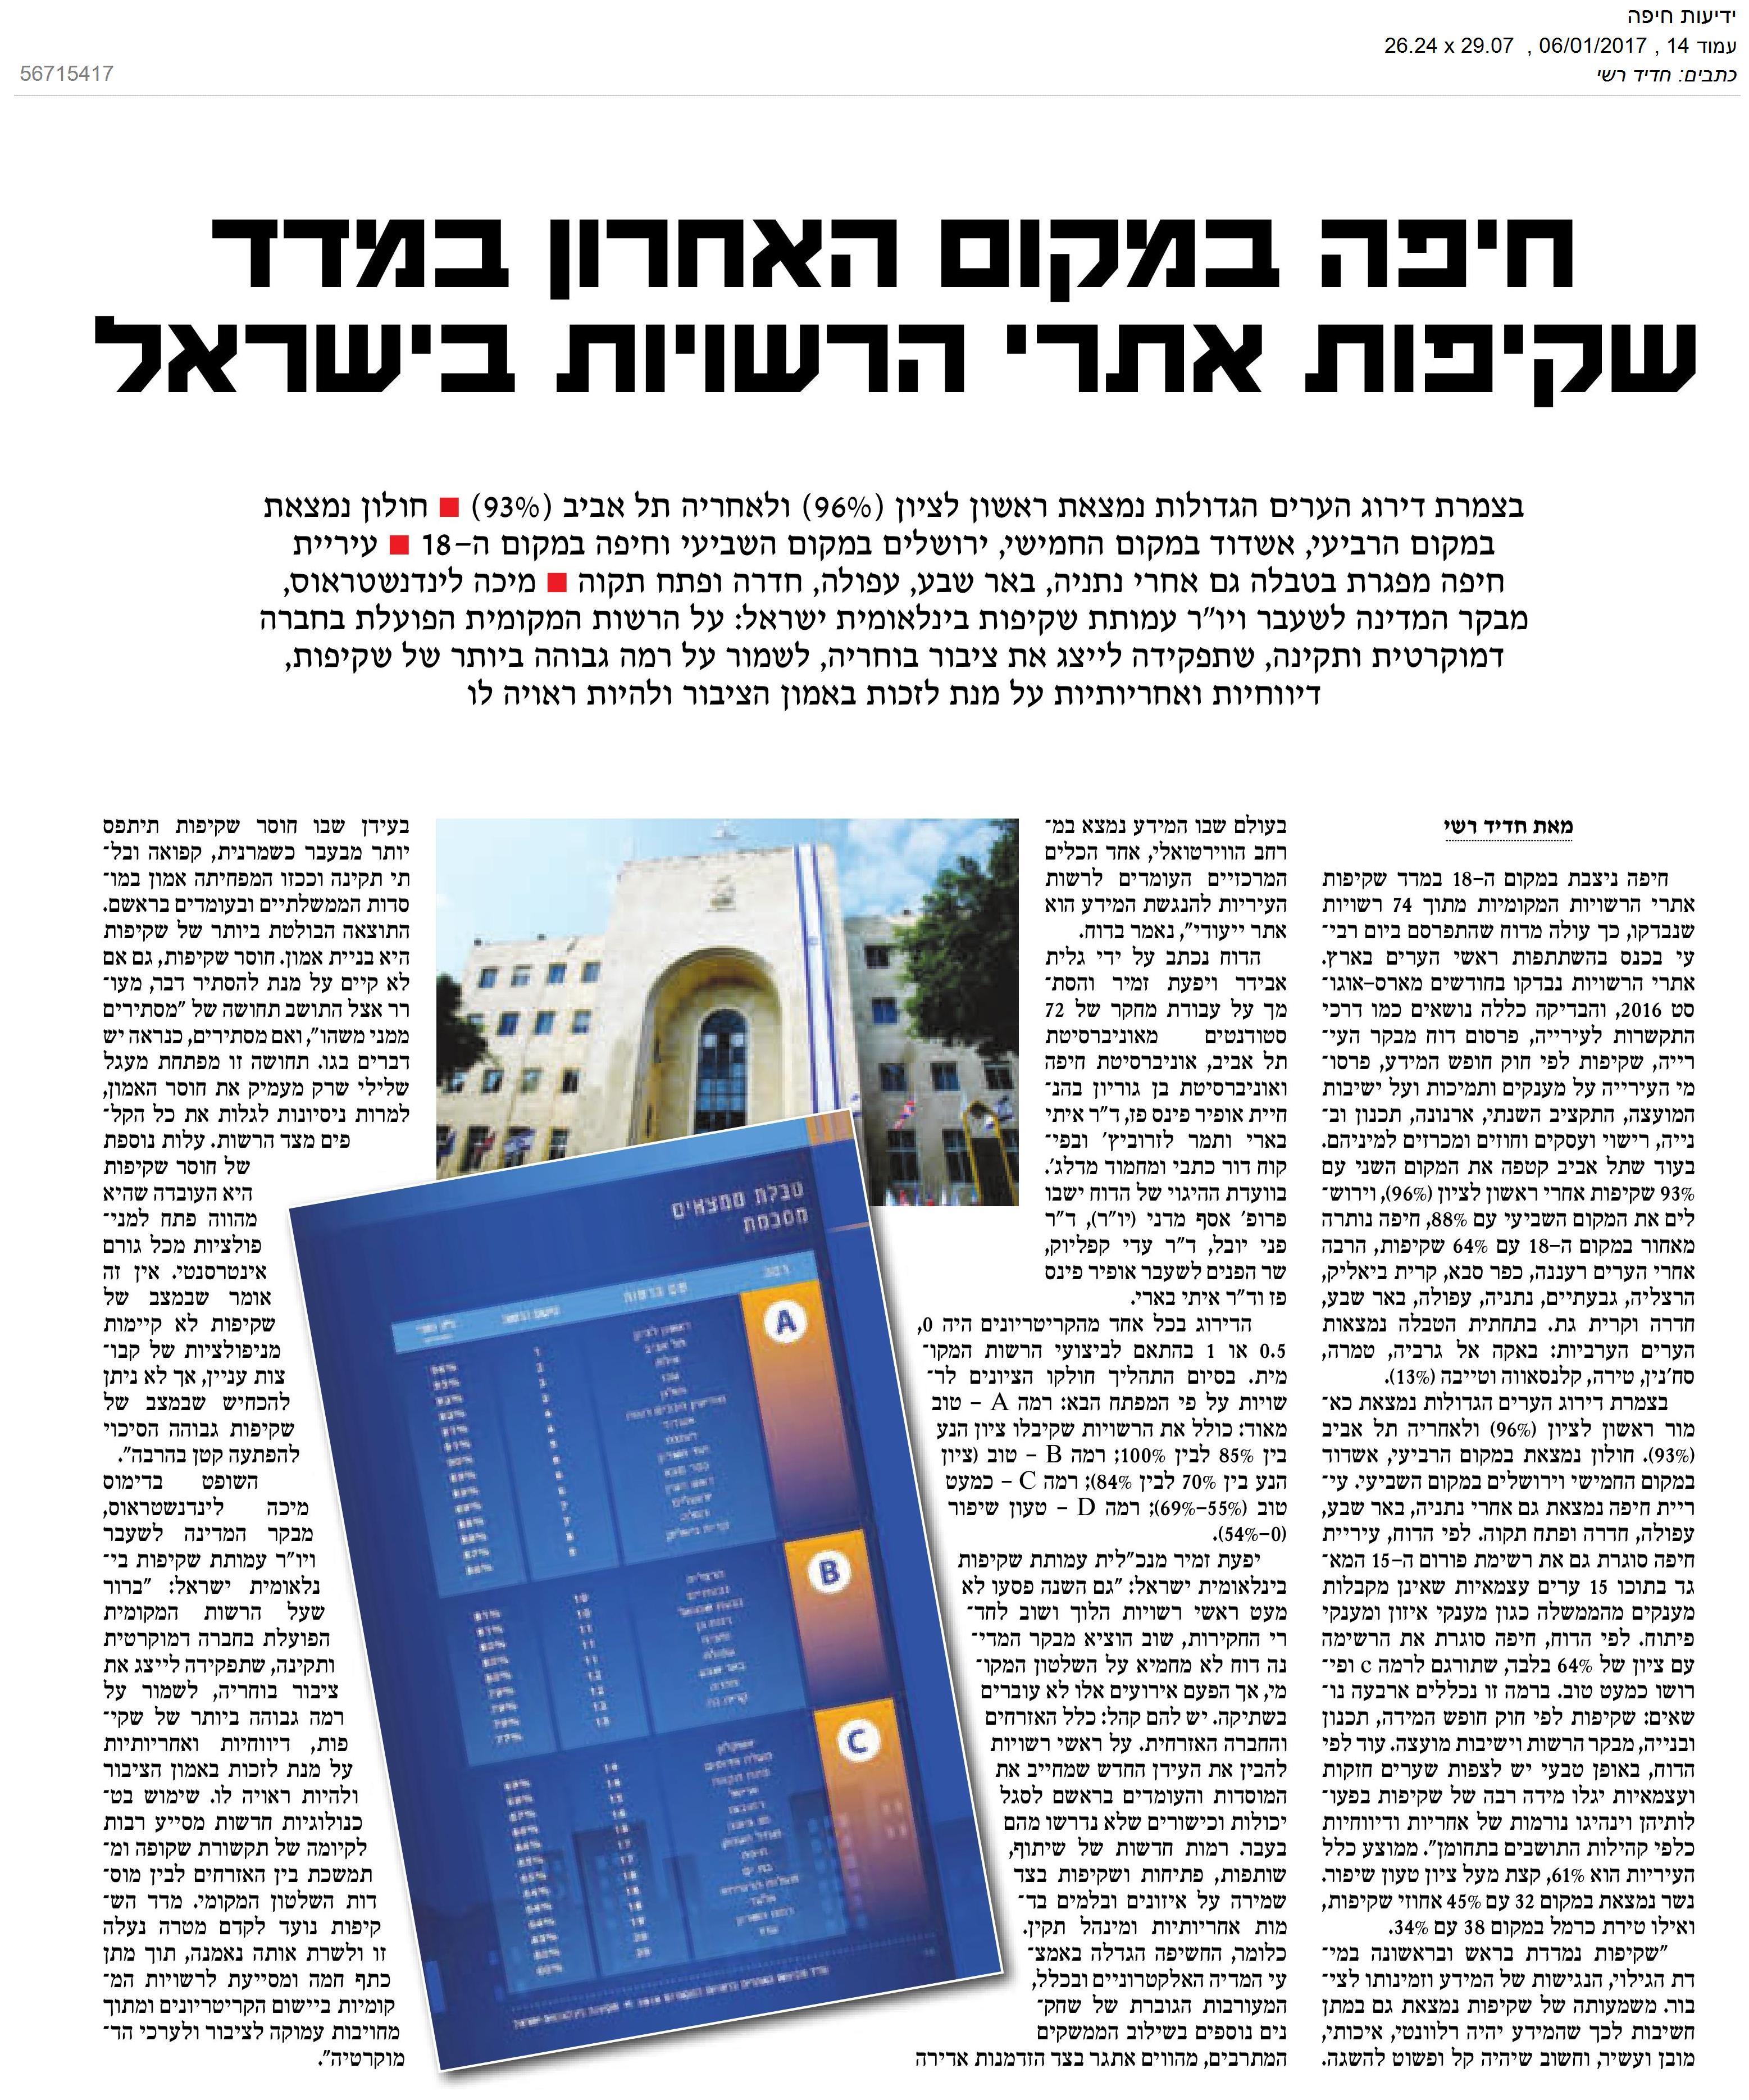 חיפה במקום האחרון במדד שקיפות אתרי הרשויות בישראל